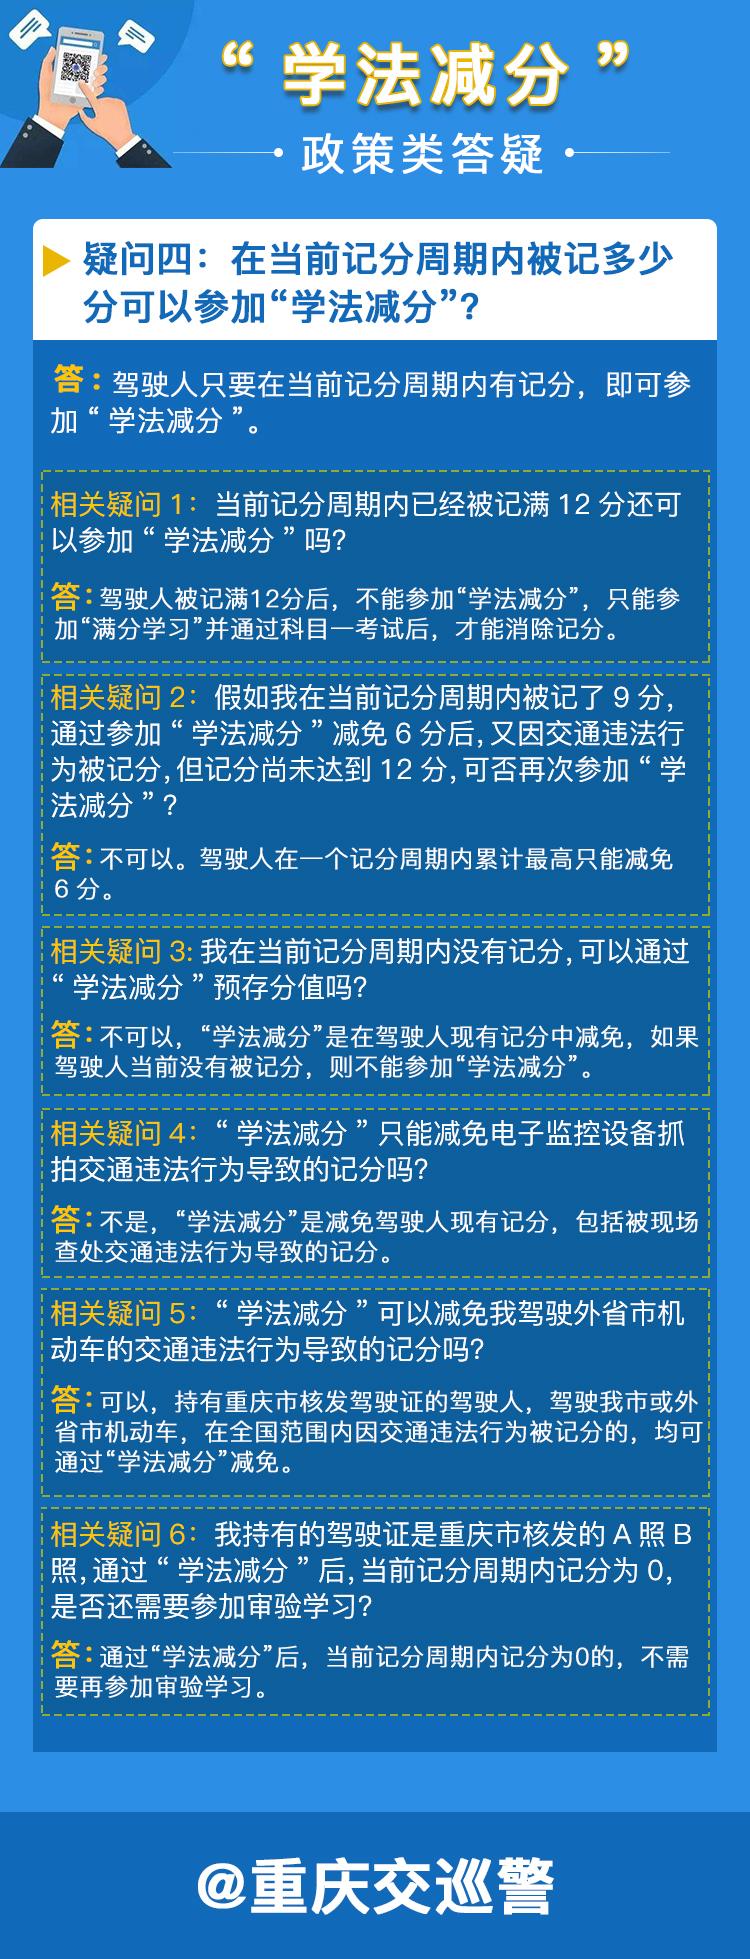 政策类答疑 (8).jpg